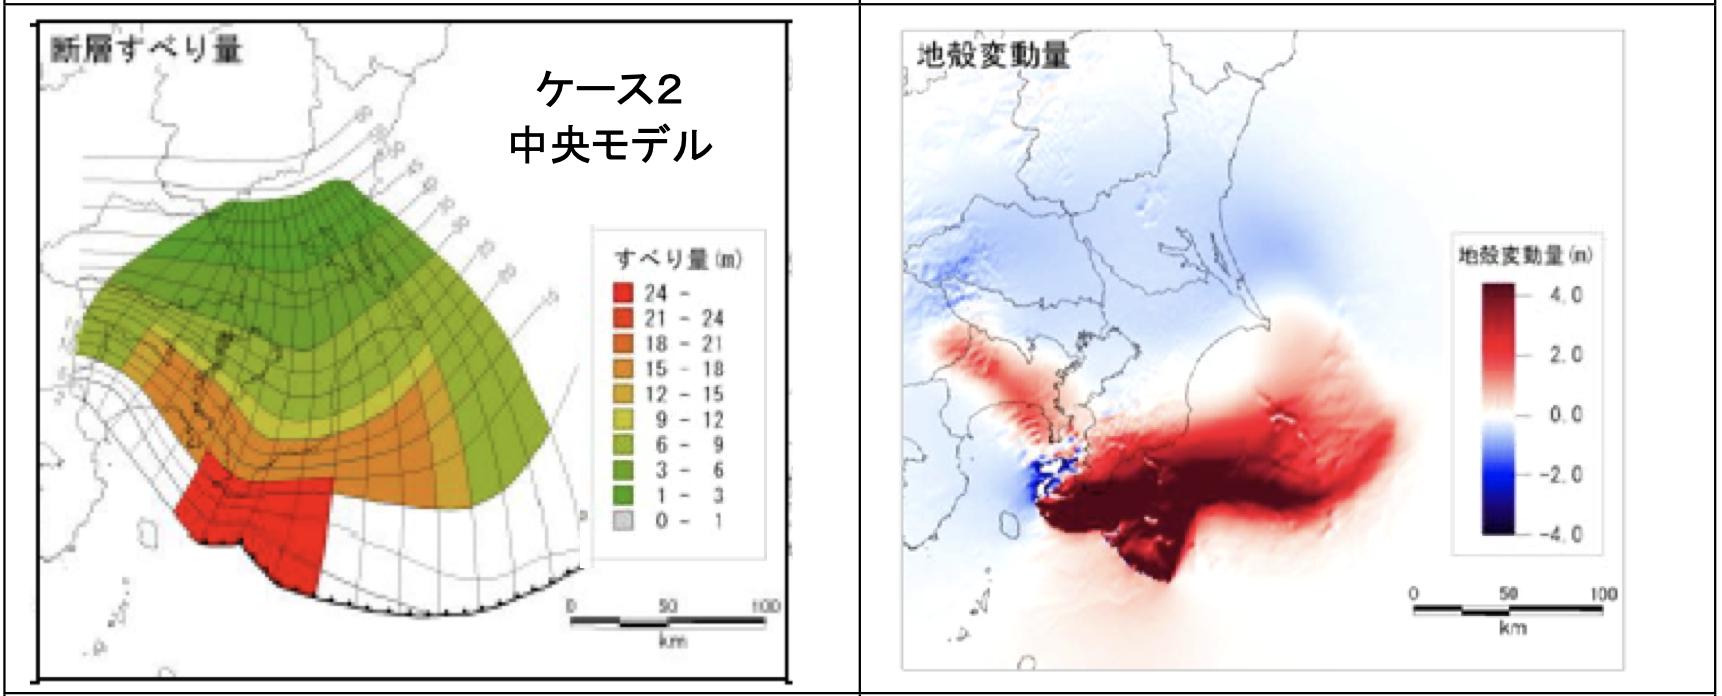 相模トラフ巨大地震 中央モデル